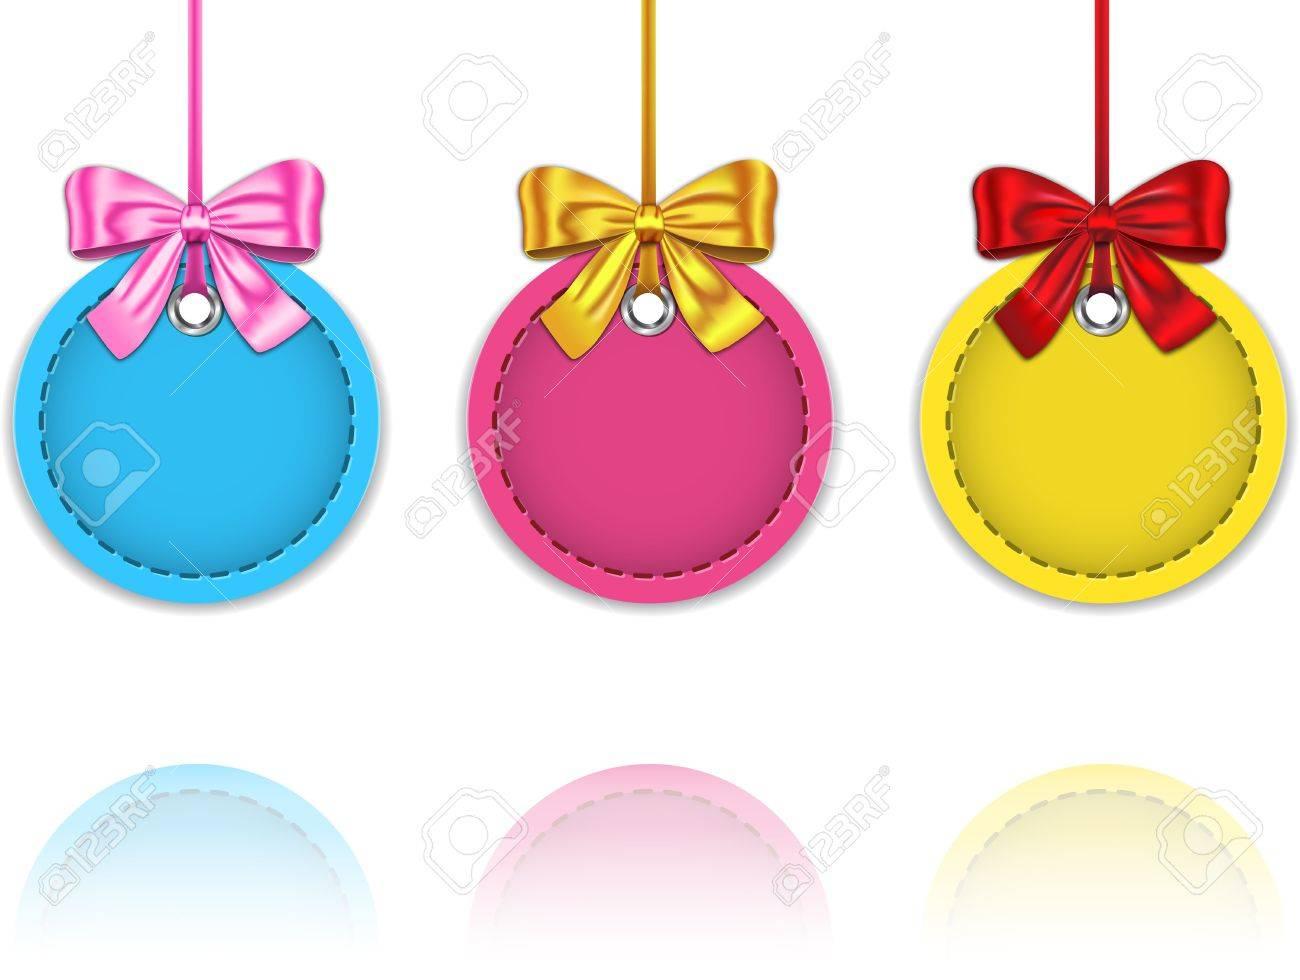 Imagenes Lazos De Navidad.Coloridos Adornos Navidenos Hechos De Cuero Atadas Con Lazos Etiquetas En Blanco De Navidad Con Reflexiones Ilustracion Vectorial